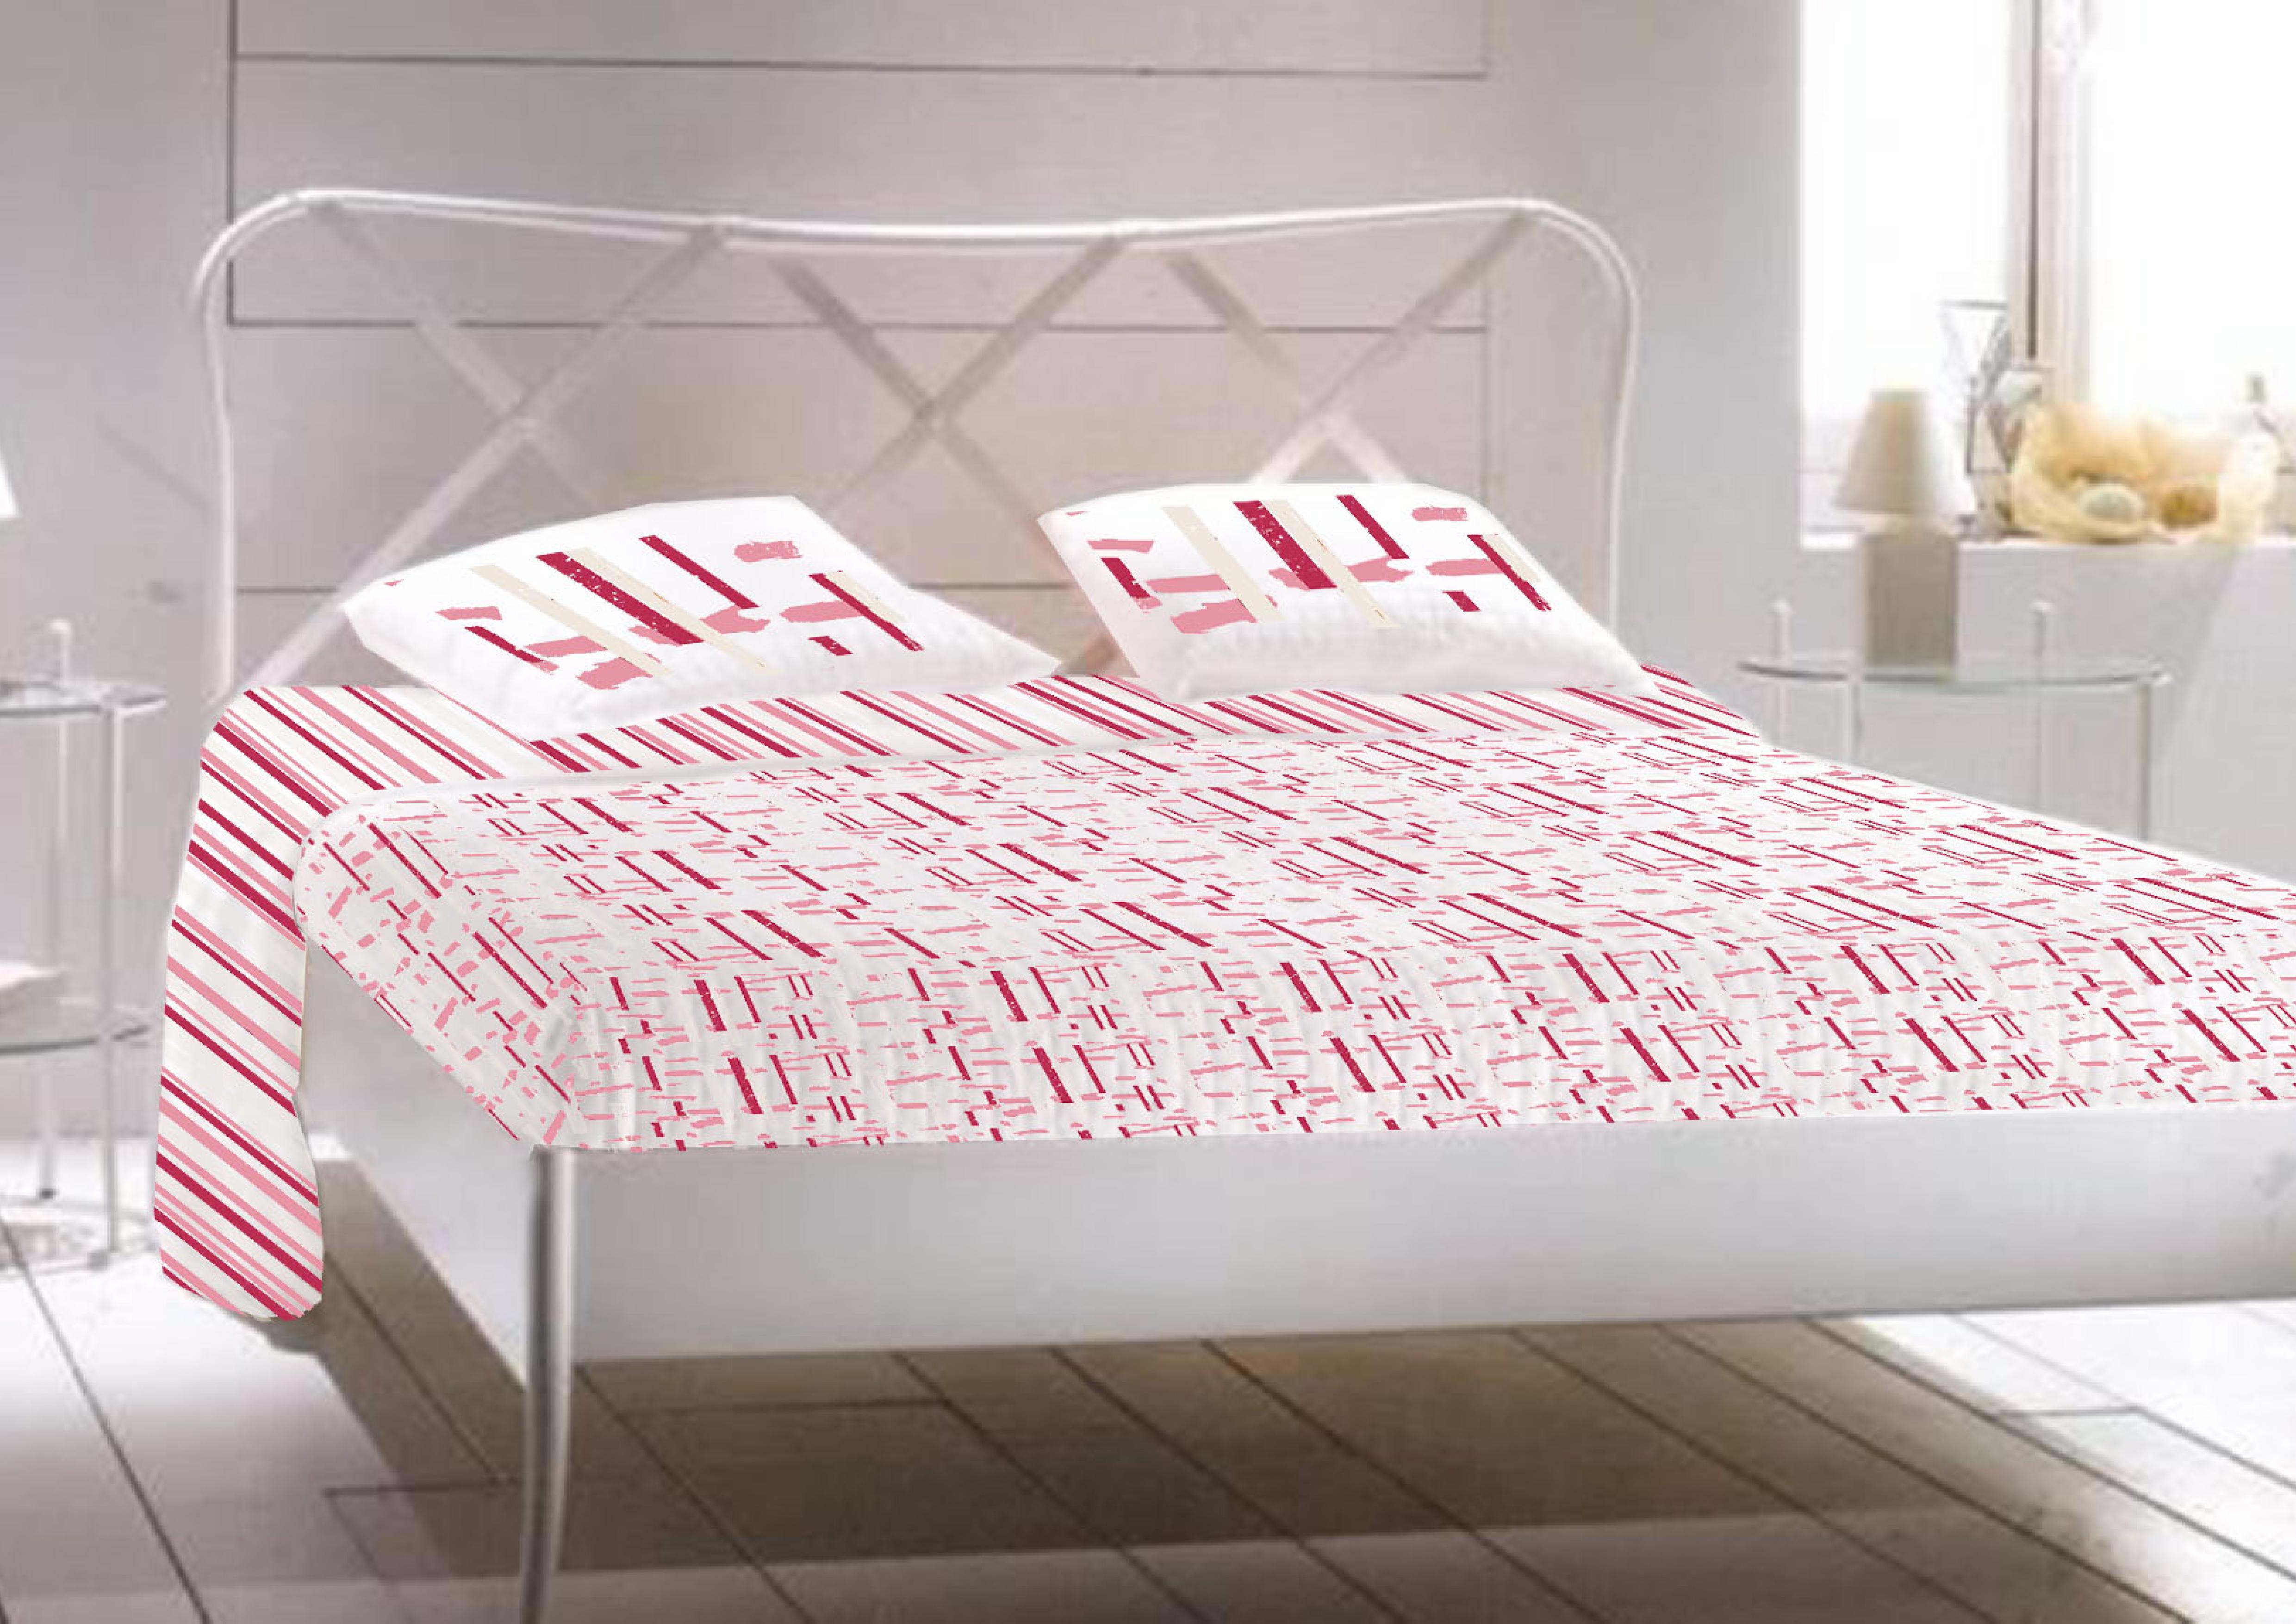 Graphisme motifs textile linge de lit latelierdelisa nimes3